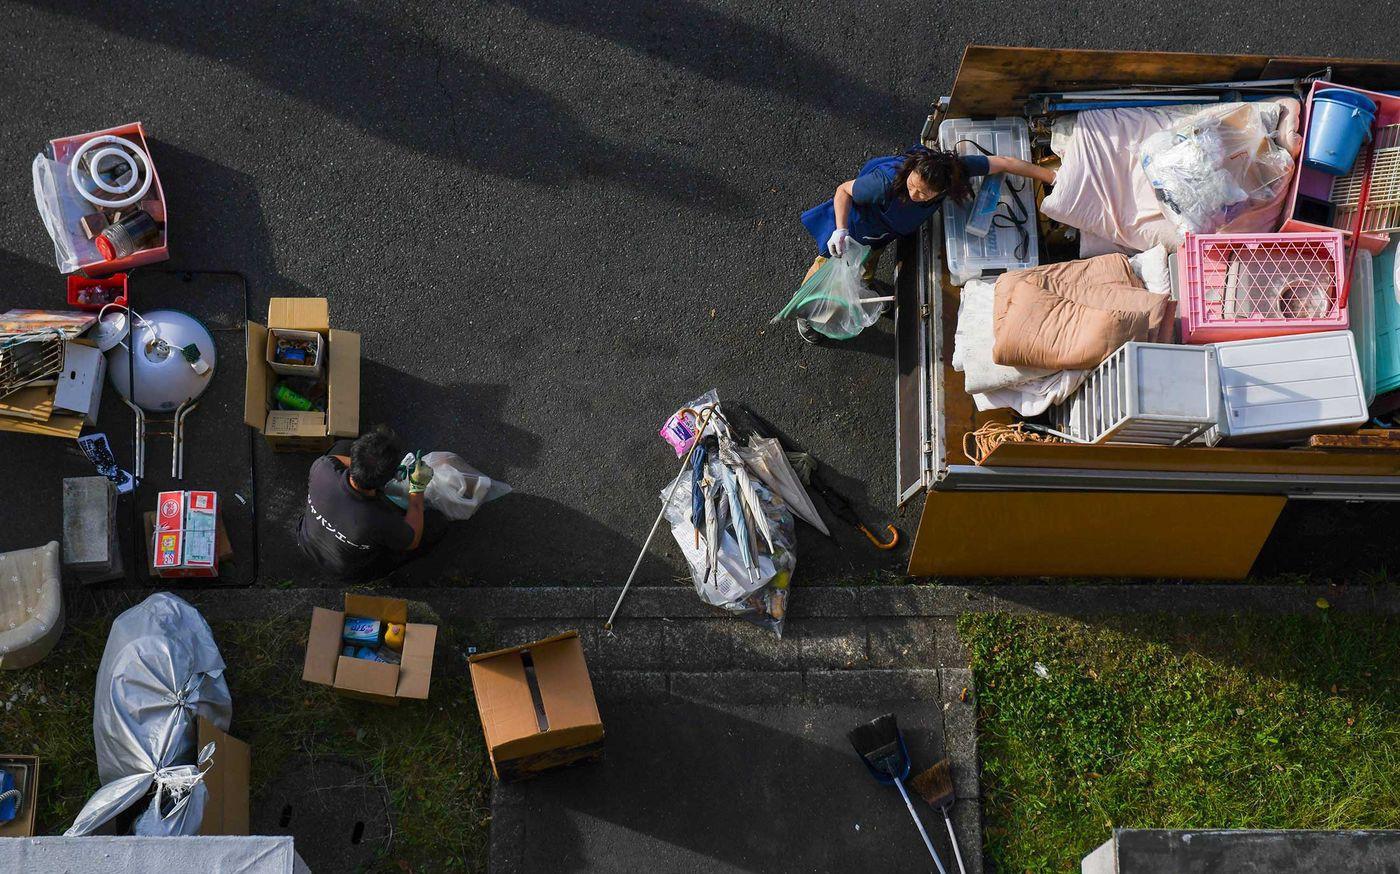 Số người chết trong cô độc quá nhiều, ngành kinh doanh bán lại đồ dùng của người đã khuất ở Nhật Bản thu về siêu lợi nhuận